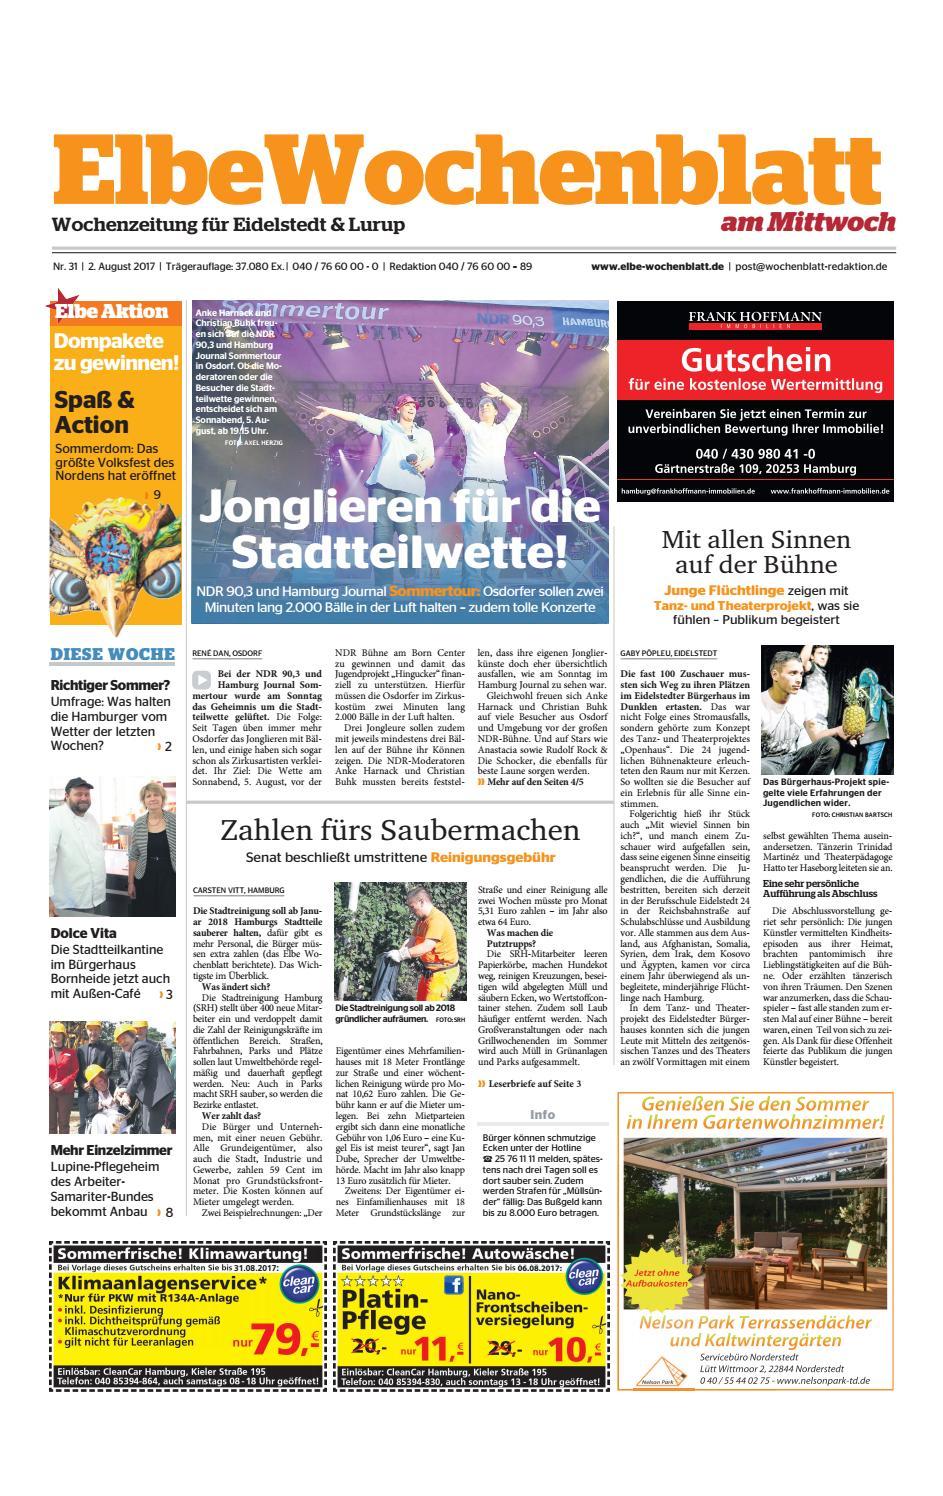 Eidelstedt Kw31-2017 By Elbe Wochenblatt Verlagsgesellschaft Mbh